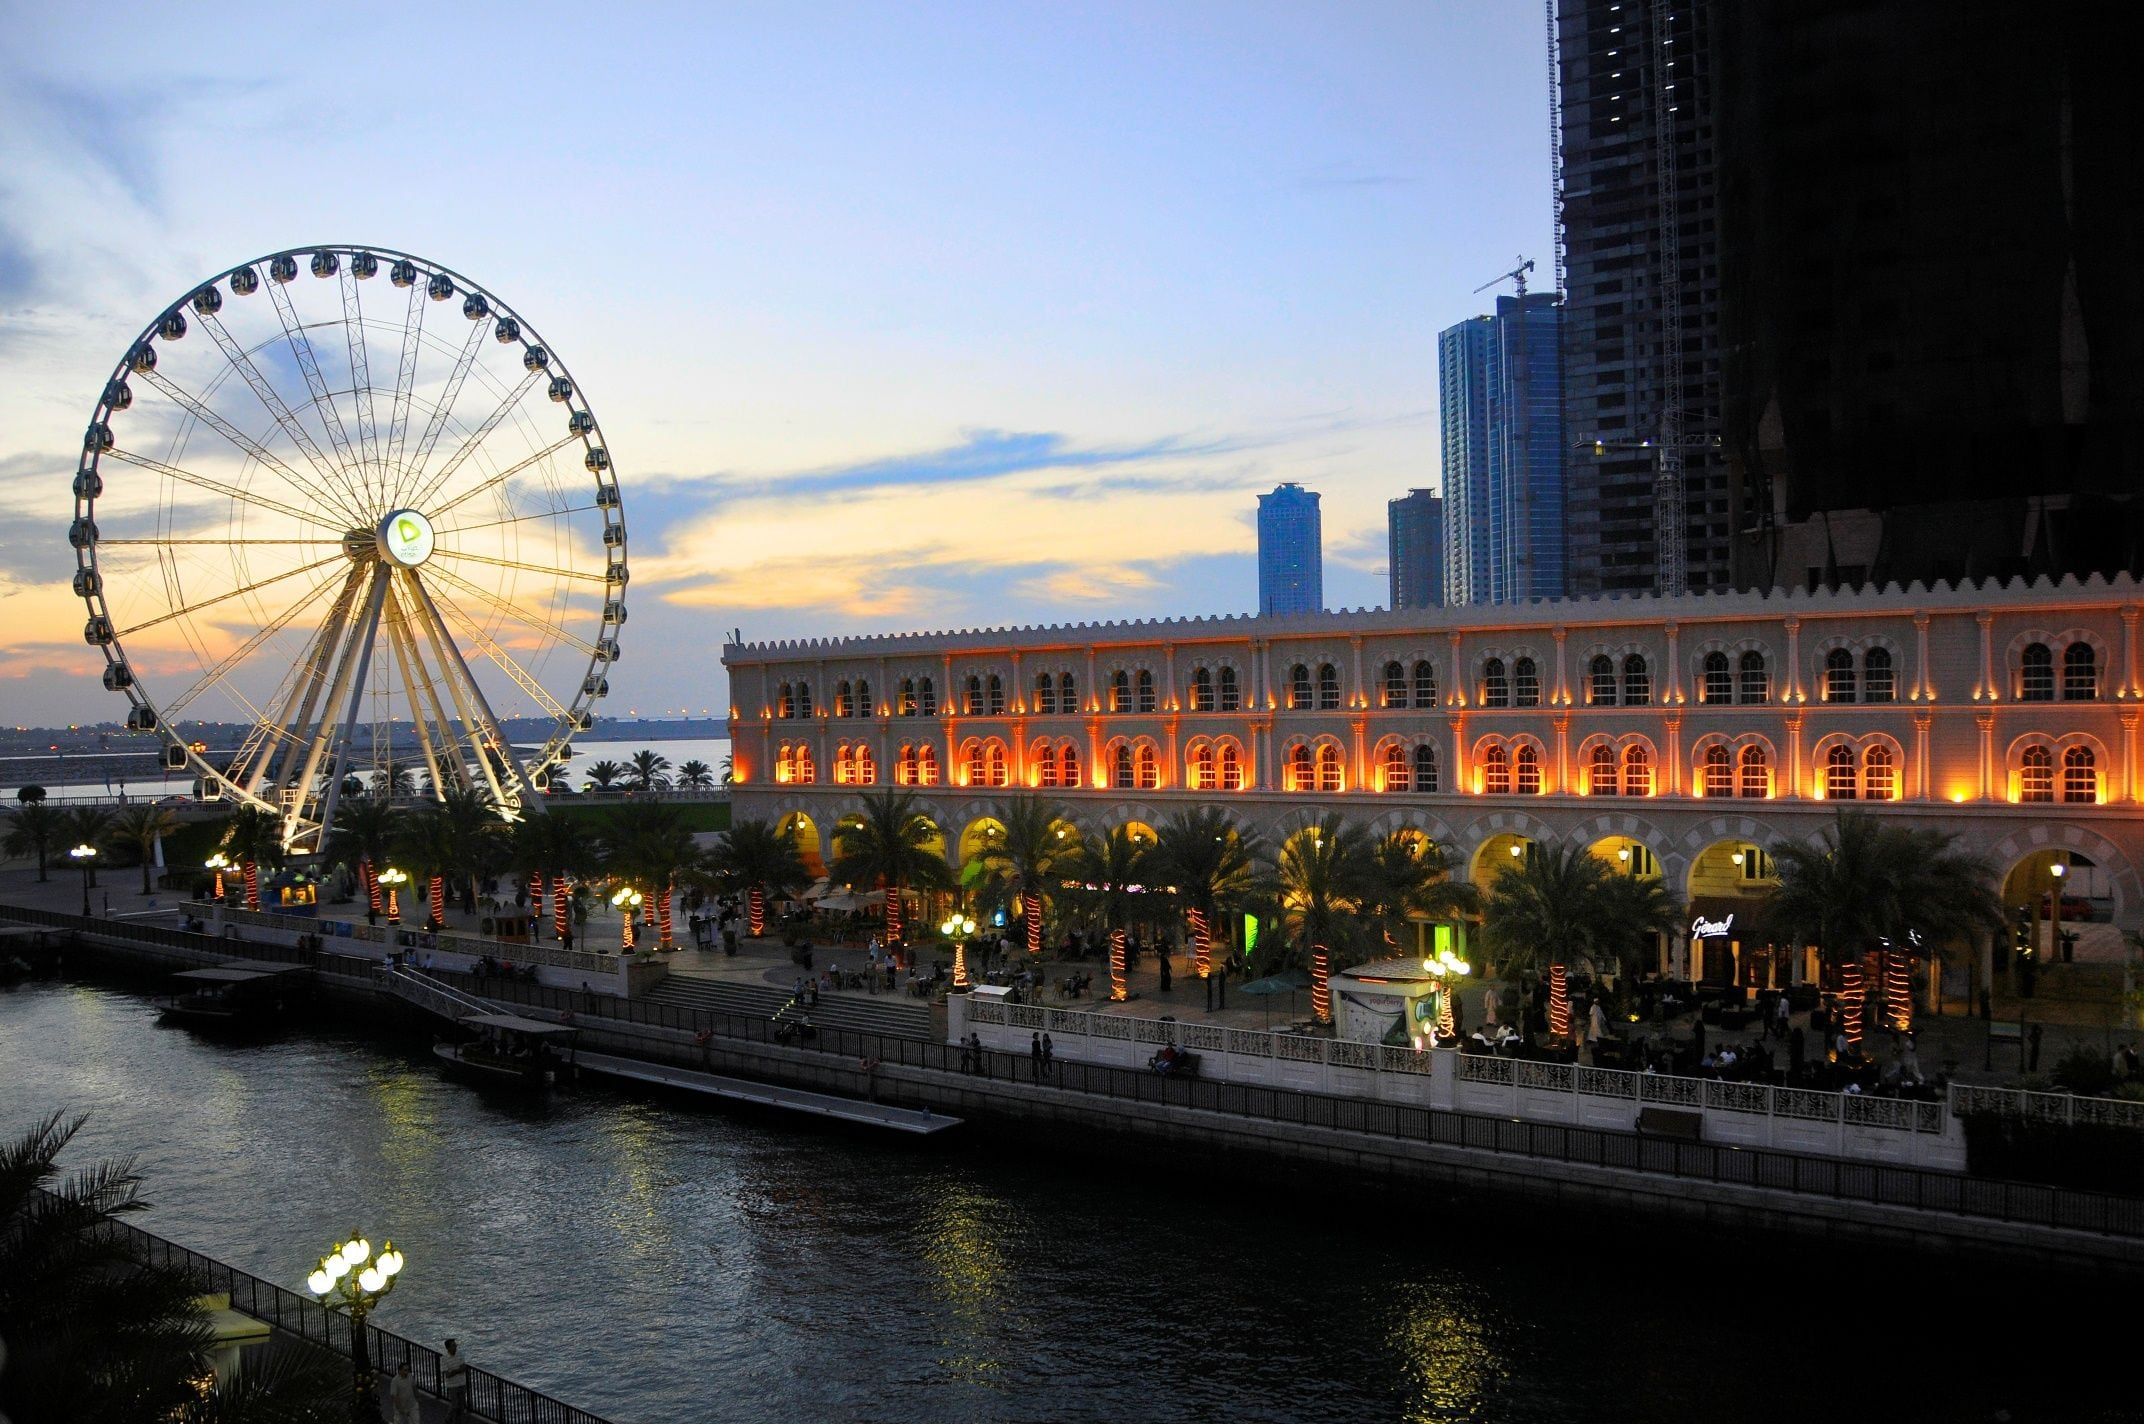 رحلات يجب القيام بها في الإمارات | رحلات جميله فى الامارات يجب القيام بها